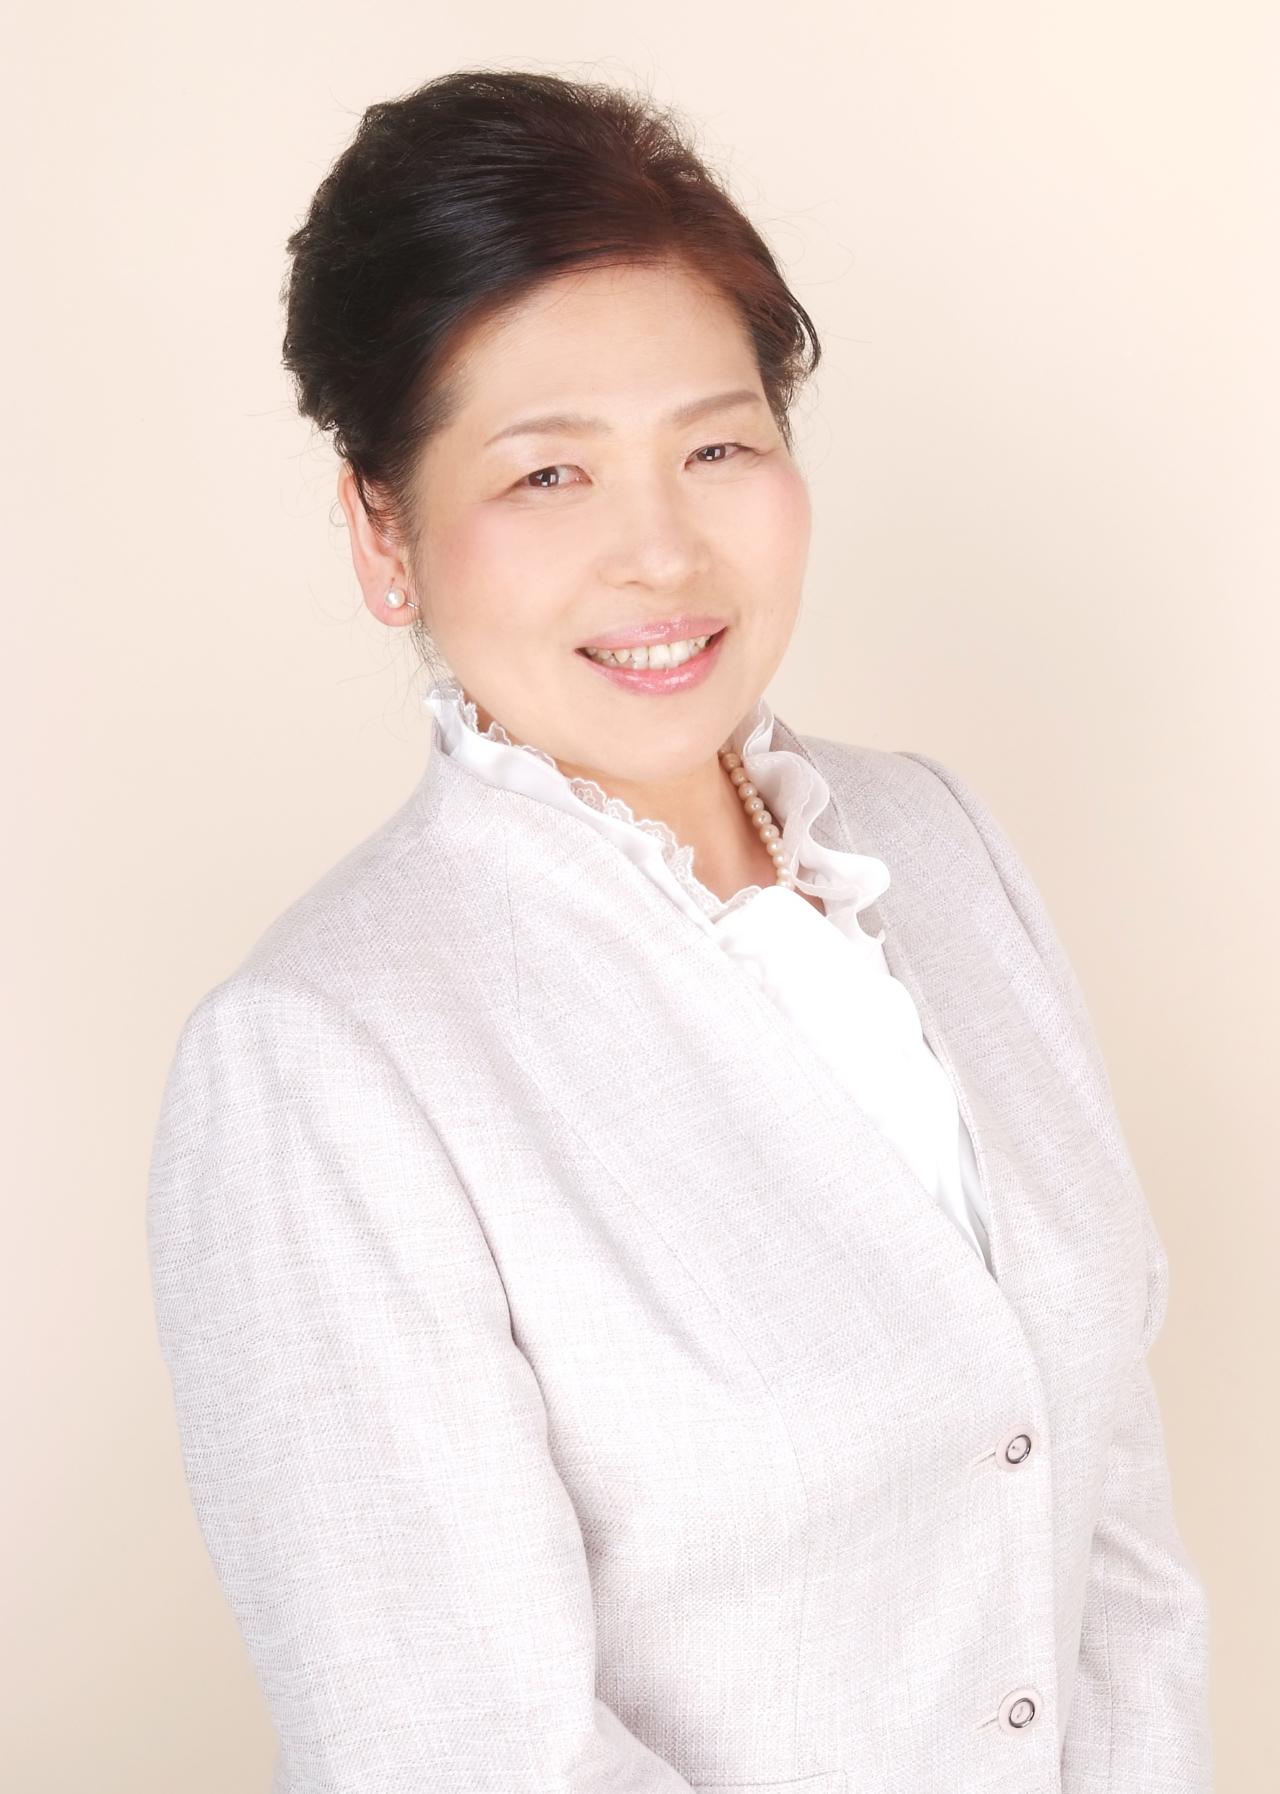 7月30日愛媛県松山市にて「失敗しない弔事のマナー」を井上講師が開催!